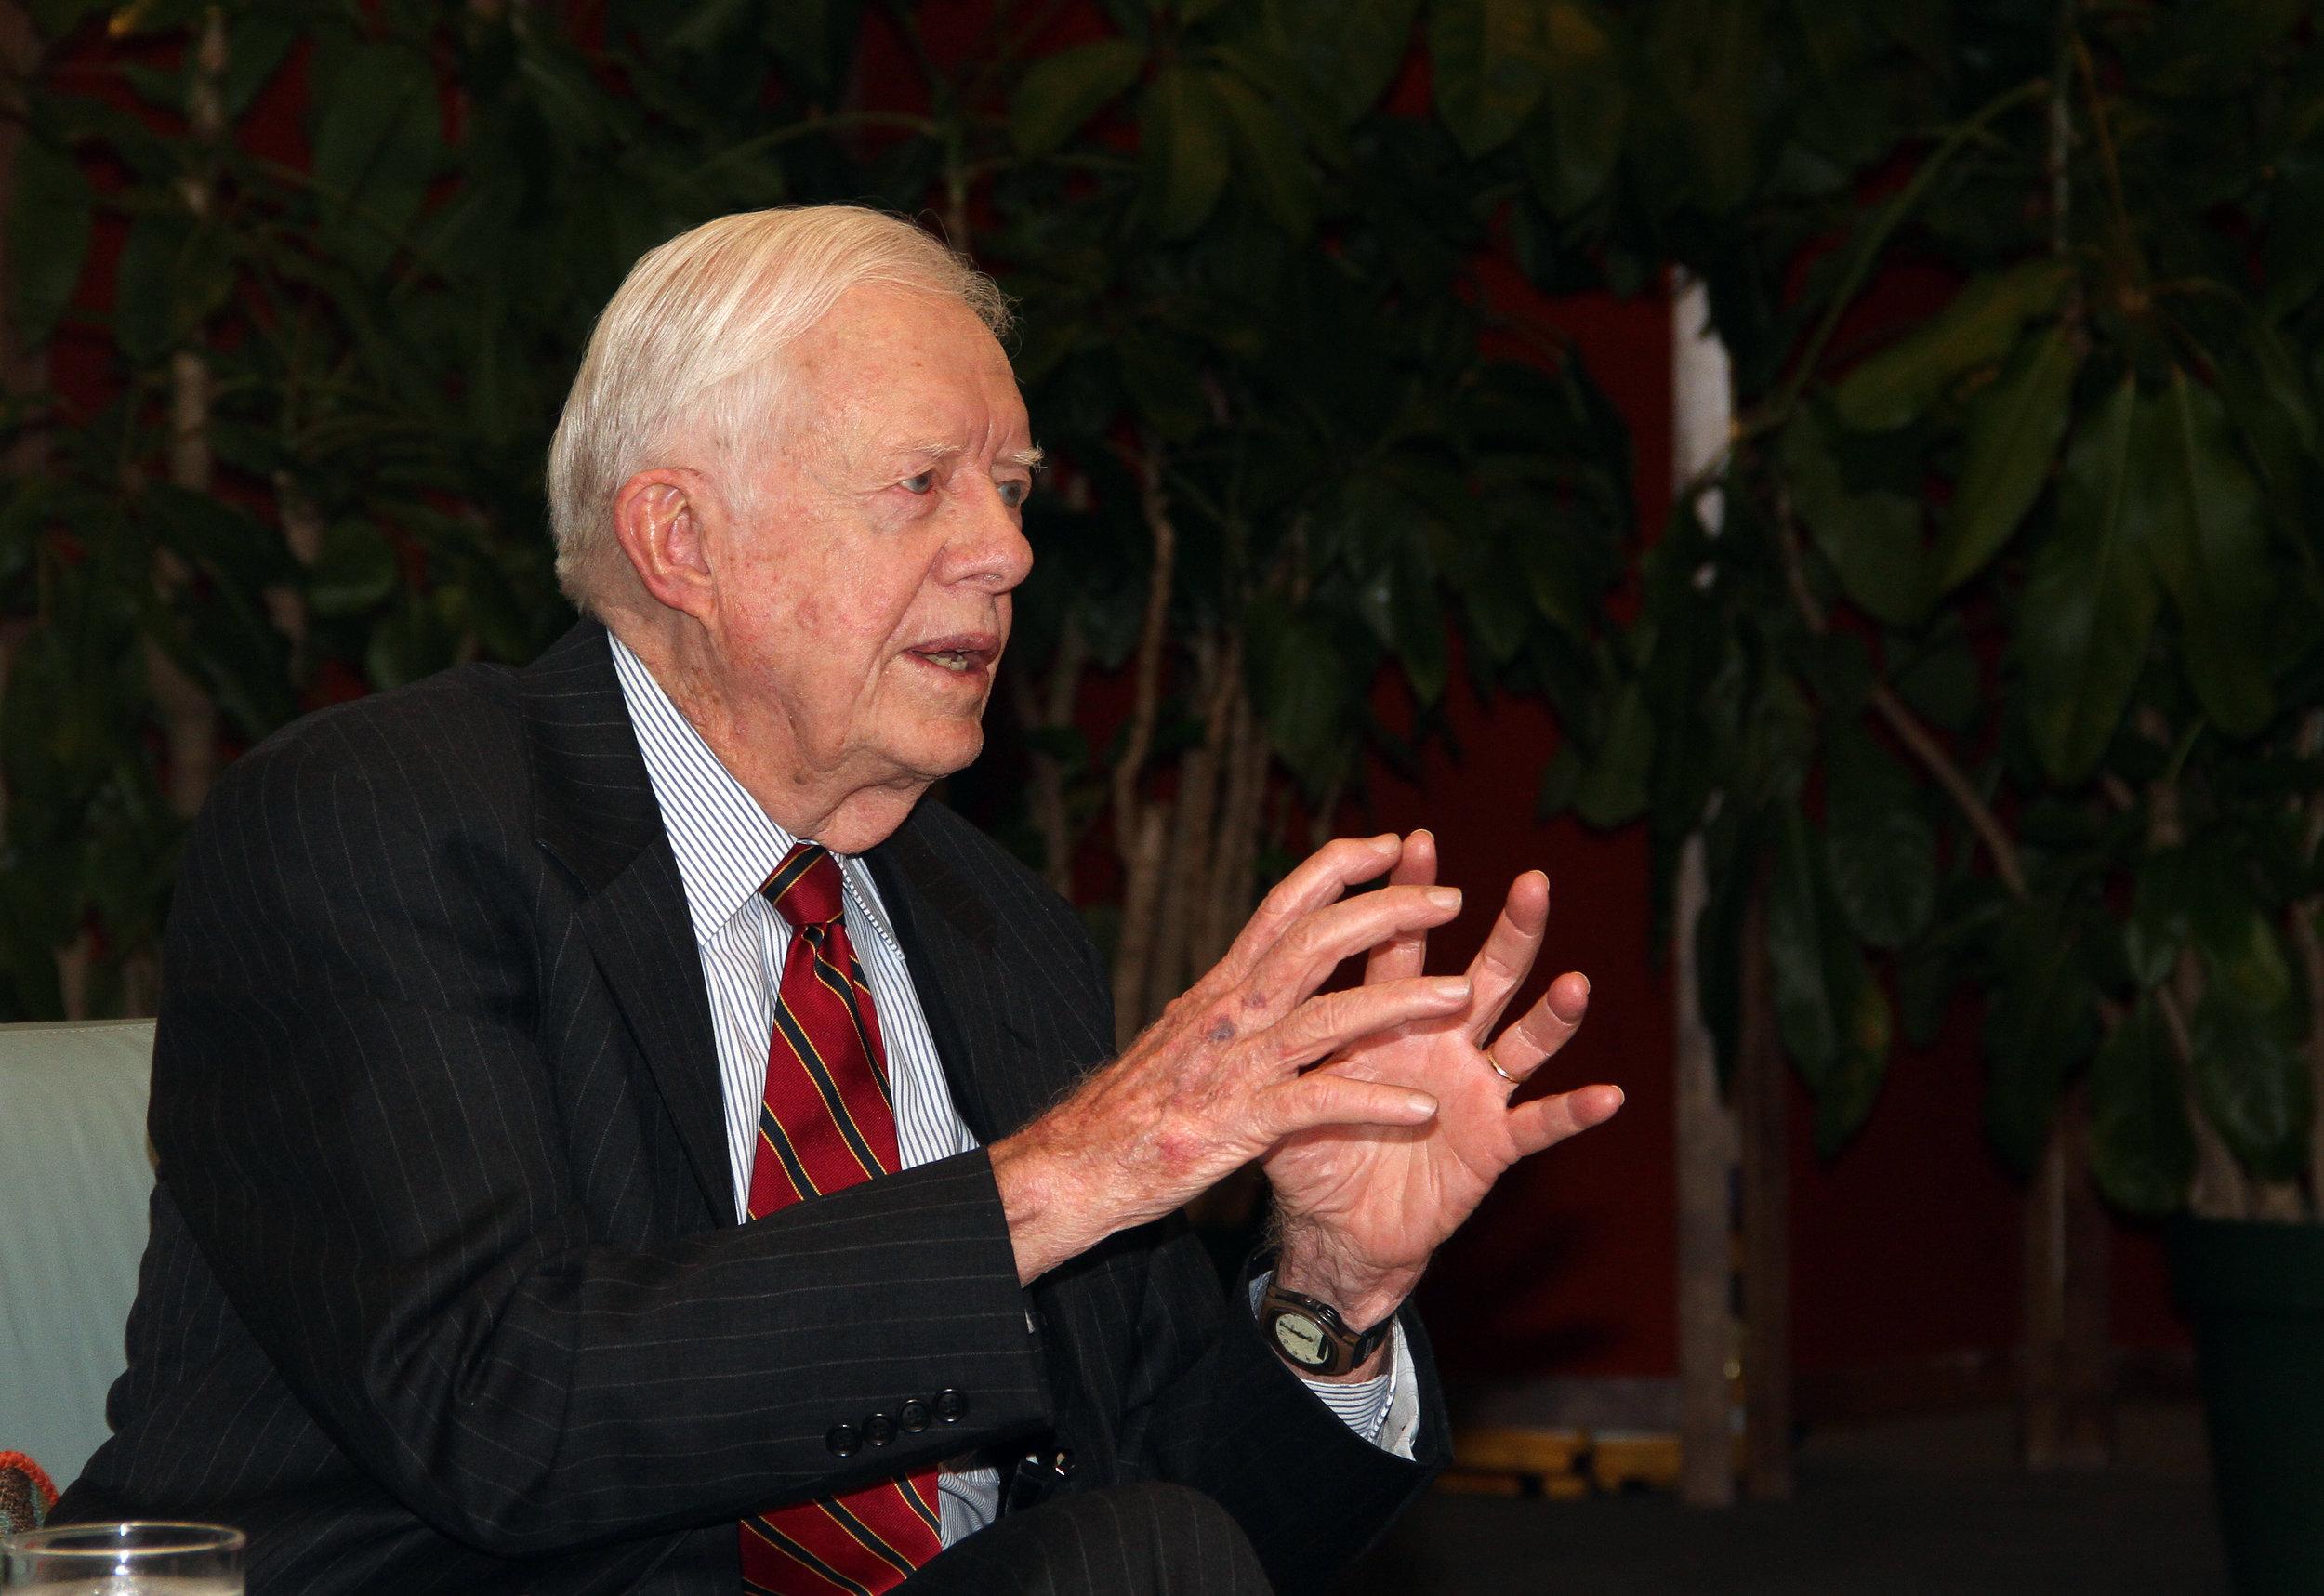 Jimmy Carter, speaking in 2011.